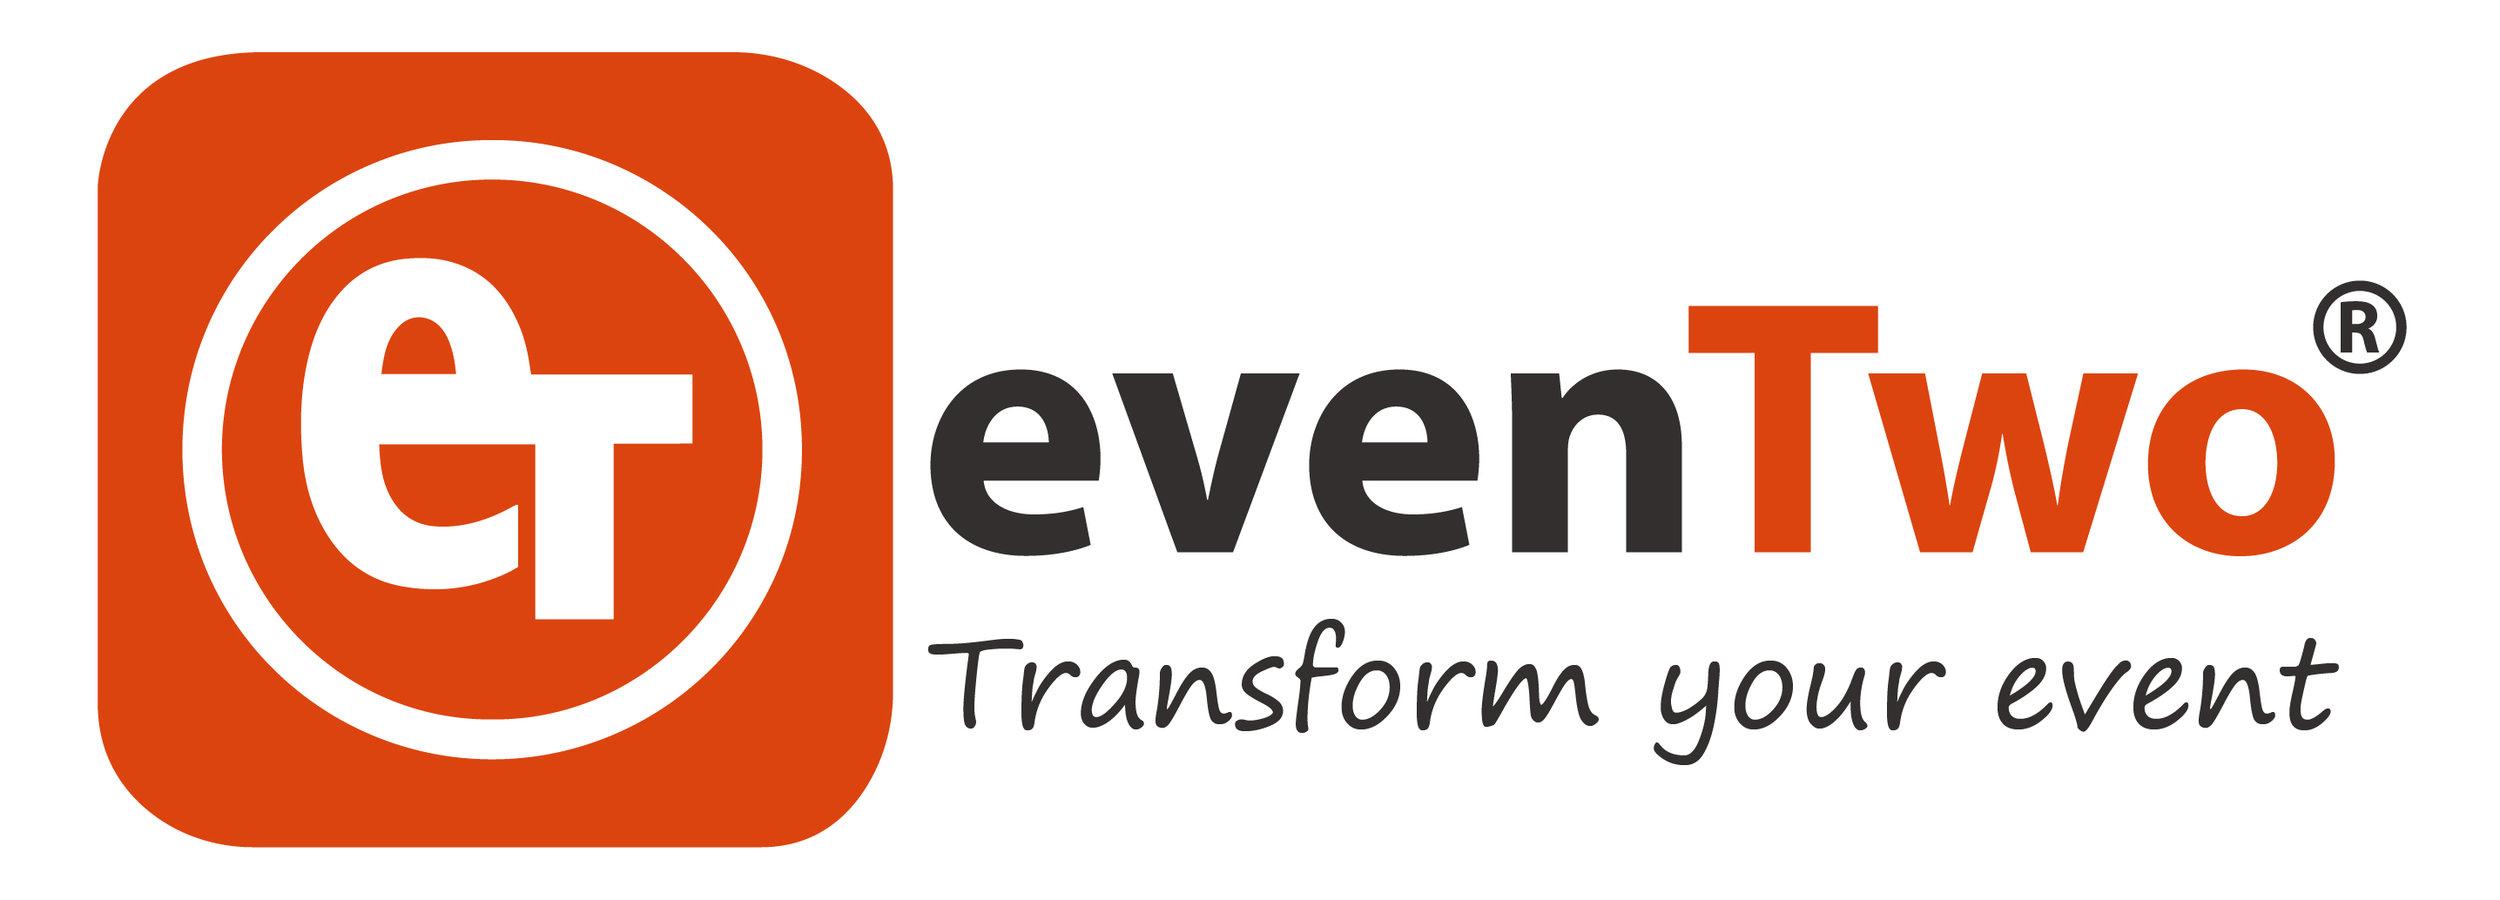 Logo evenTwo-transform your event (RGB)-01.jpg